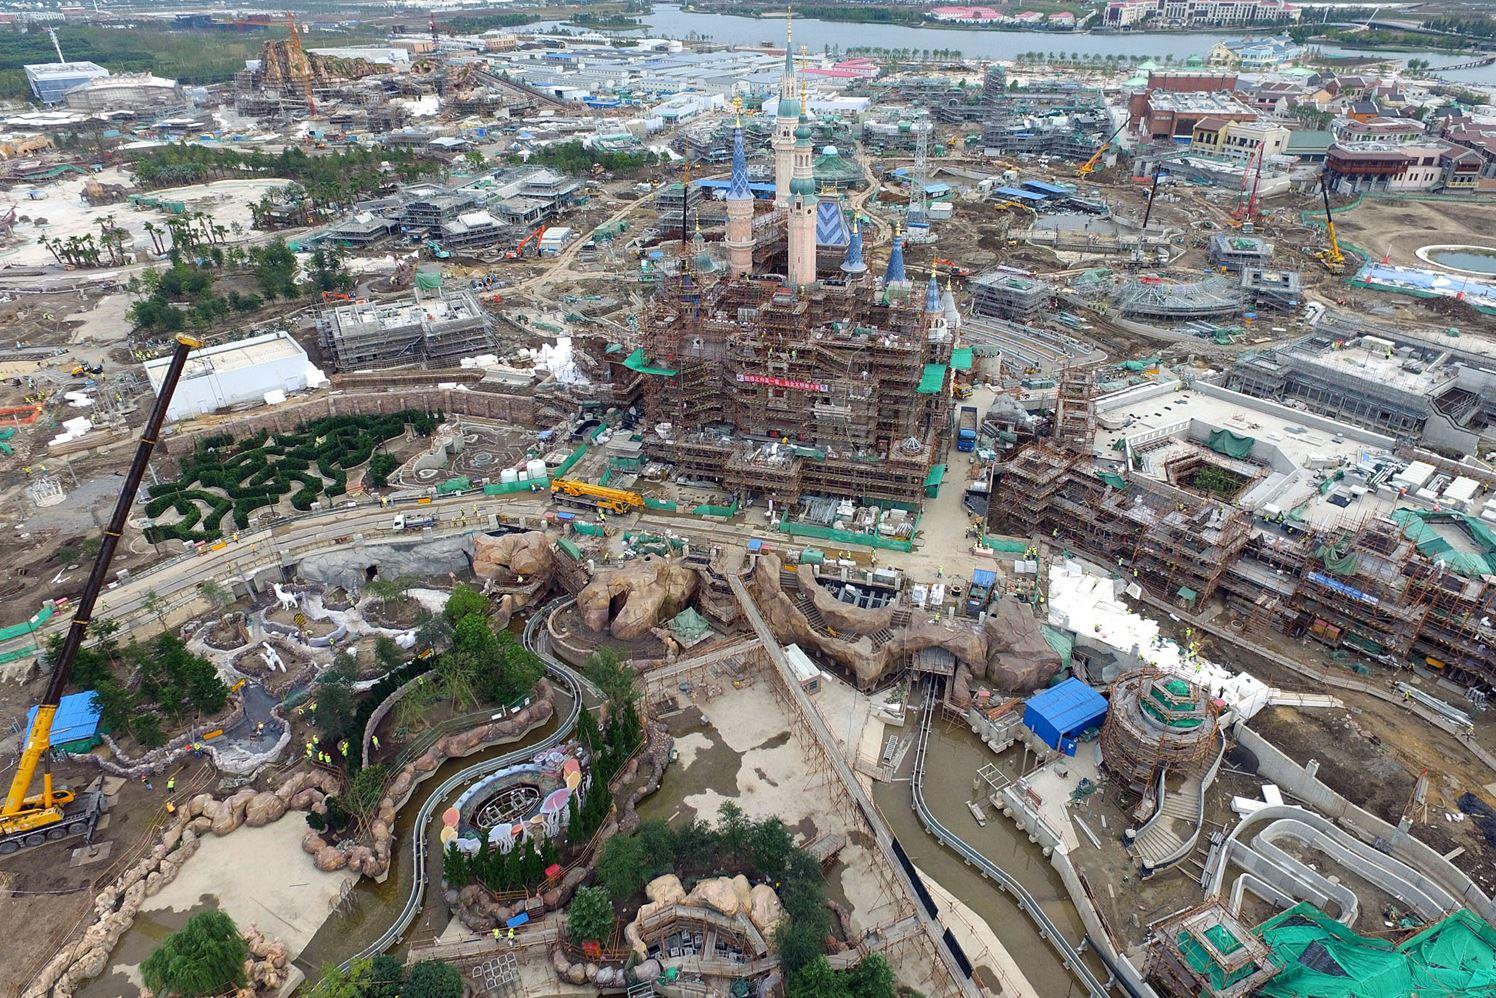 Шанхайский парк Диснея. Этот строящийся замок станет самым крупным среди других замков в похожих парках.